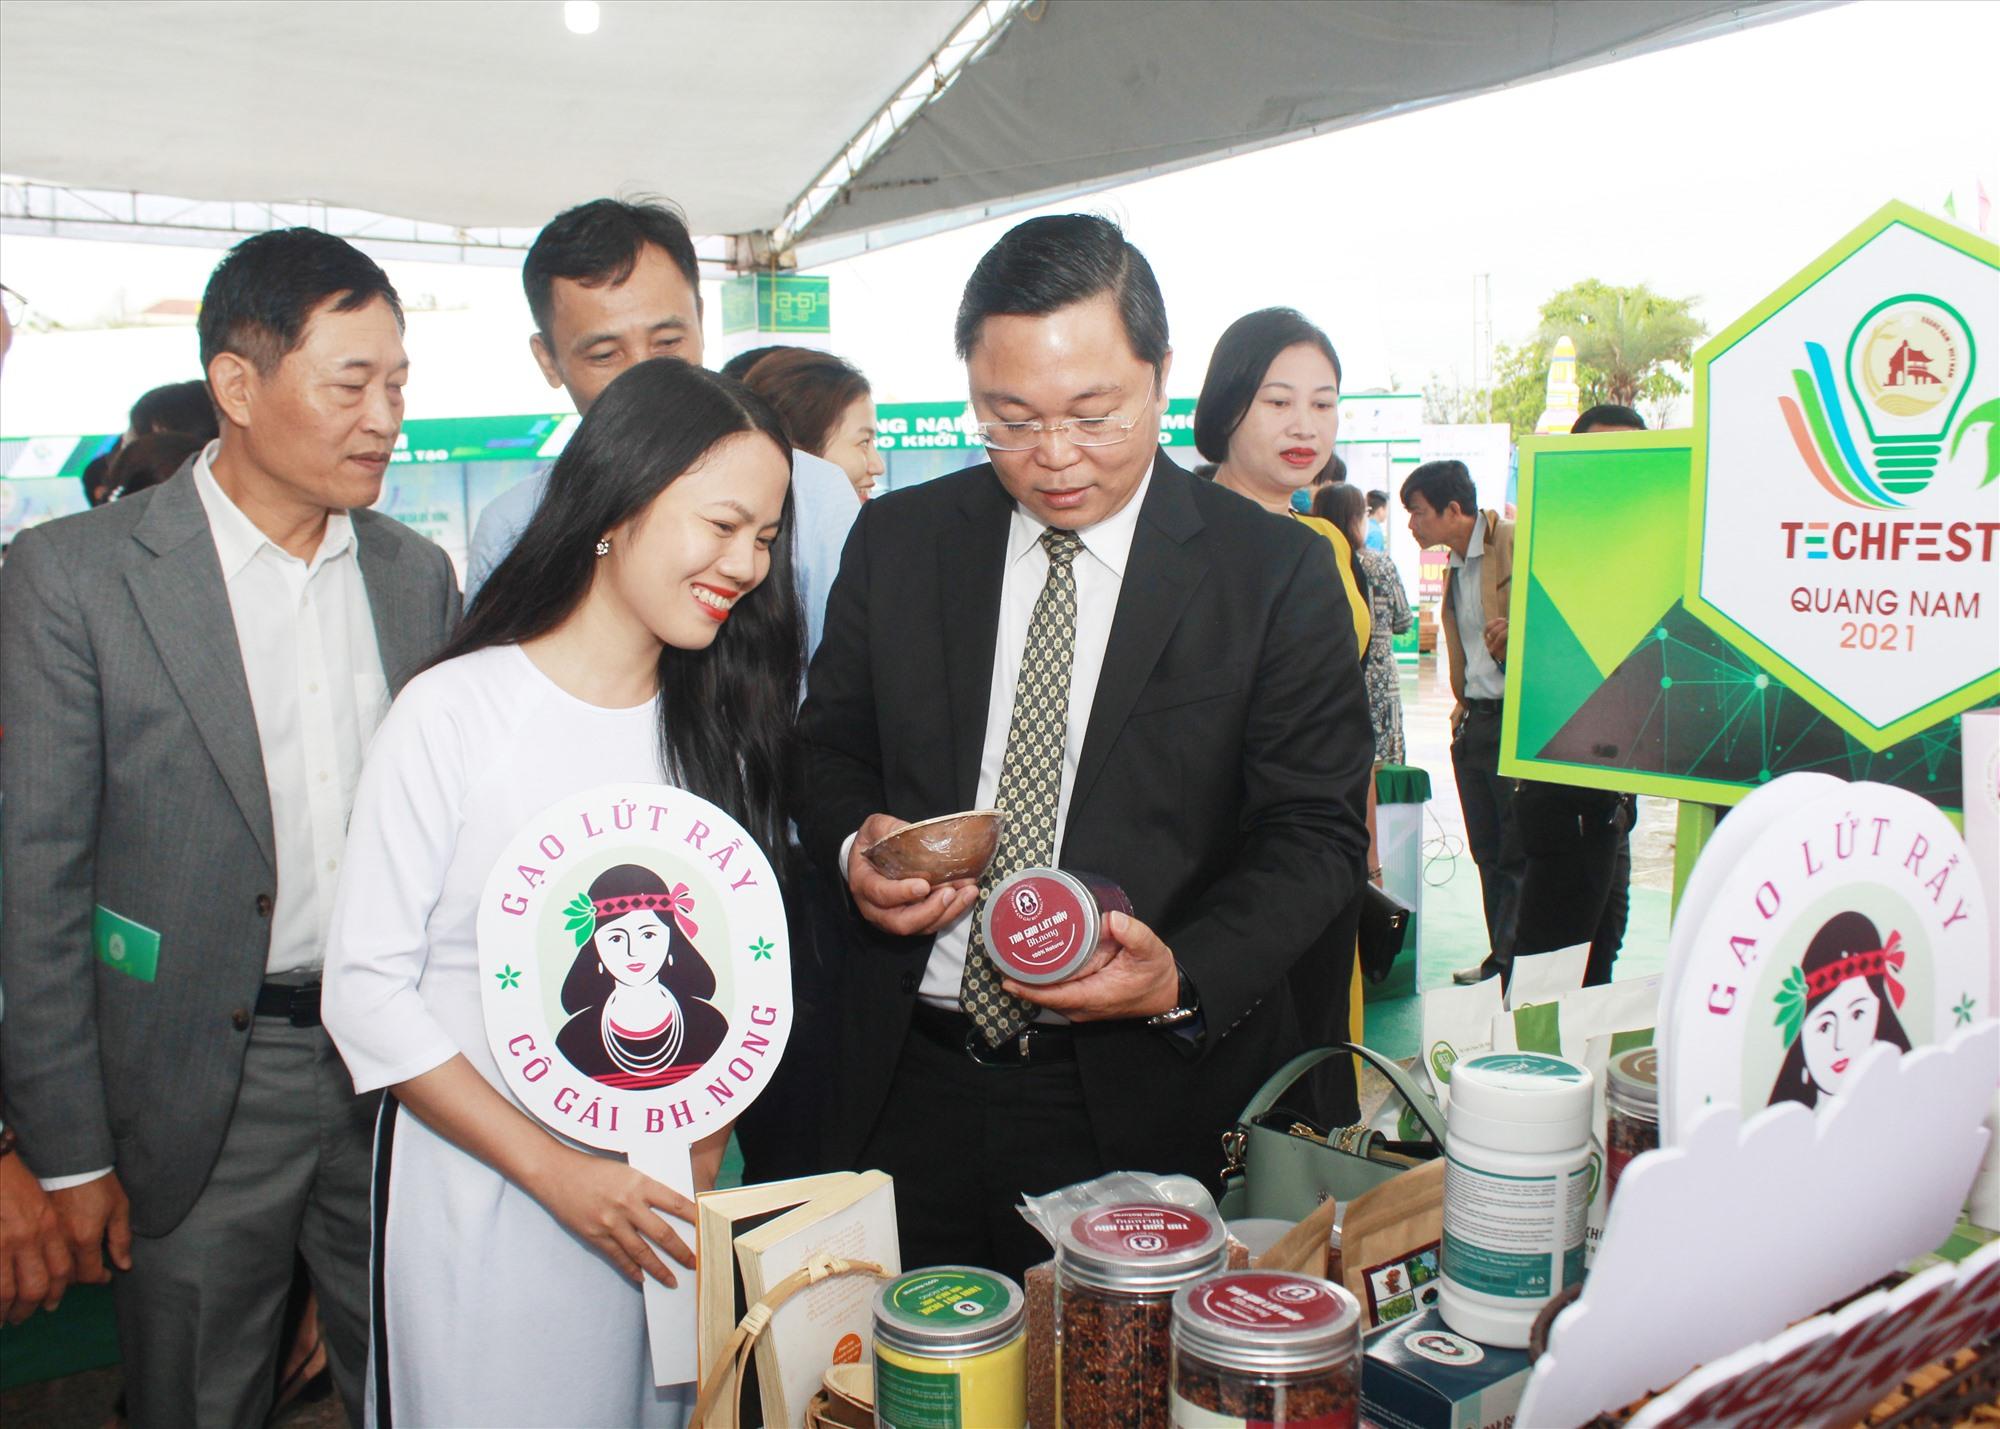 Chủ tịch UBND tỉnh Lê Trí Thanh thăm các gian hàng trưng bày sản phẩm khởi nghiệp - OCOP tại Techfest Quảng Nam tổ chức vào tháng 3.2021. Ảnh: T.C